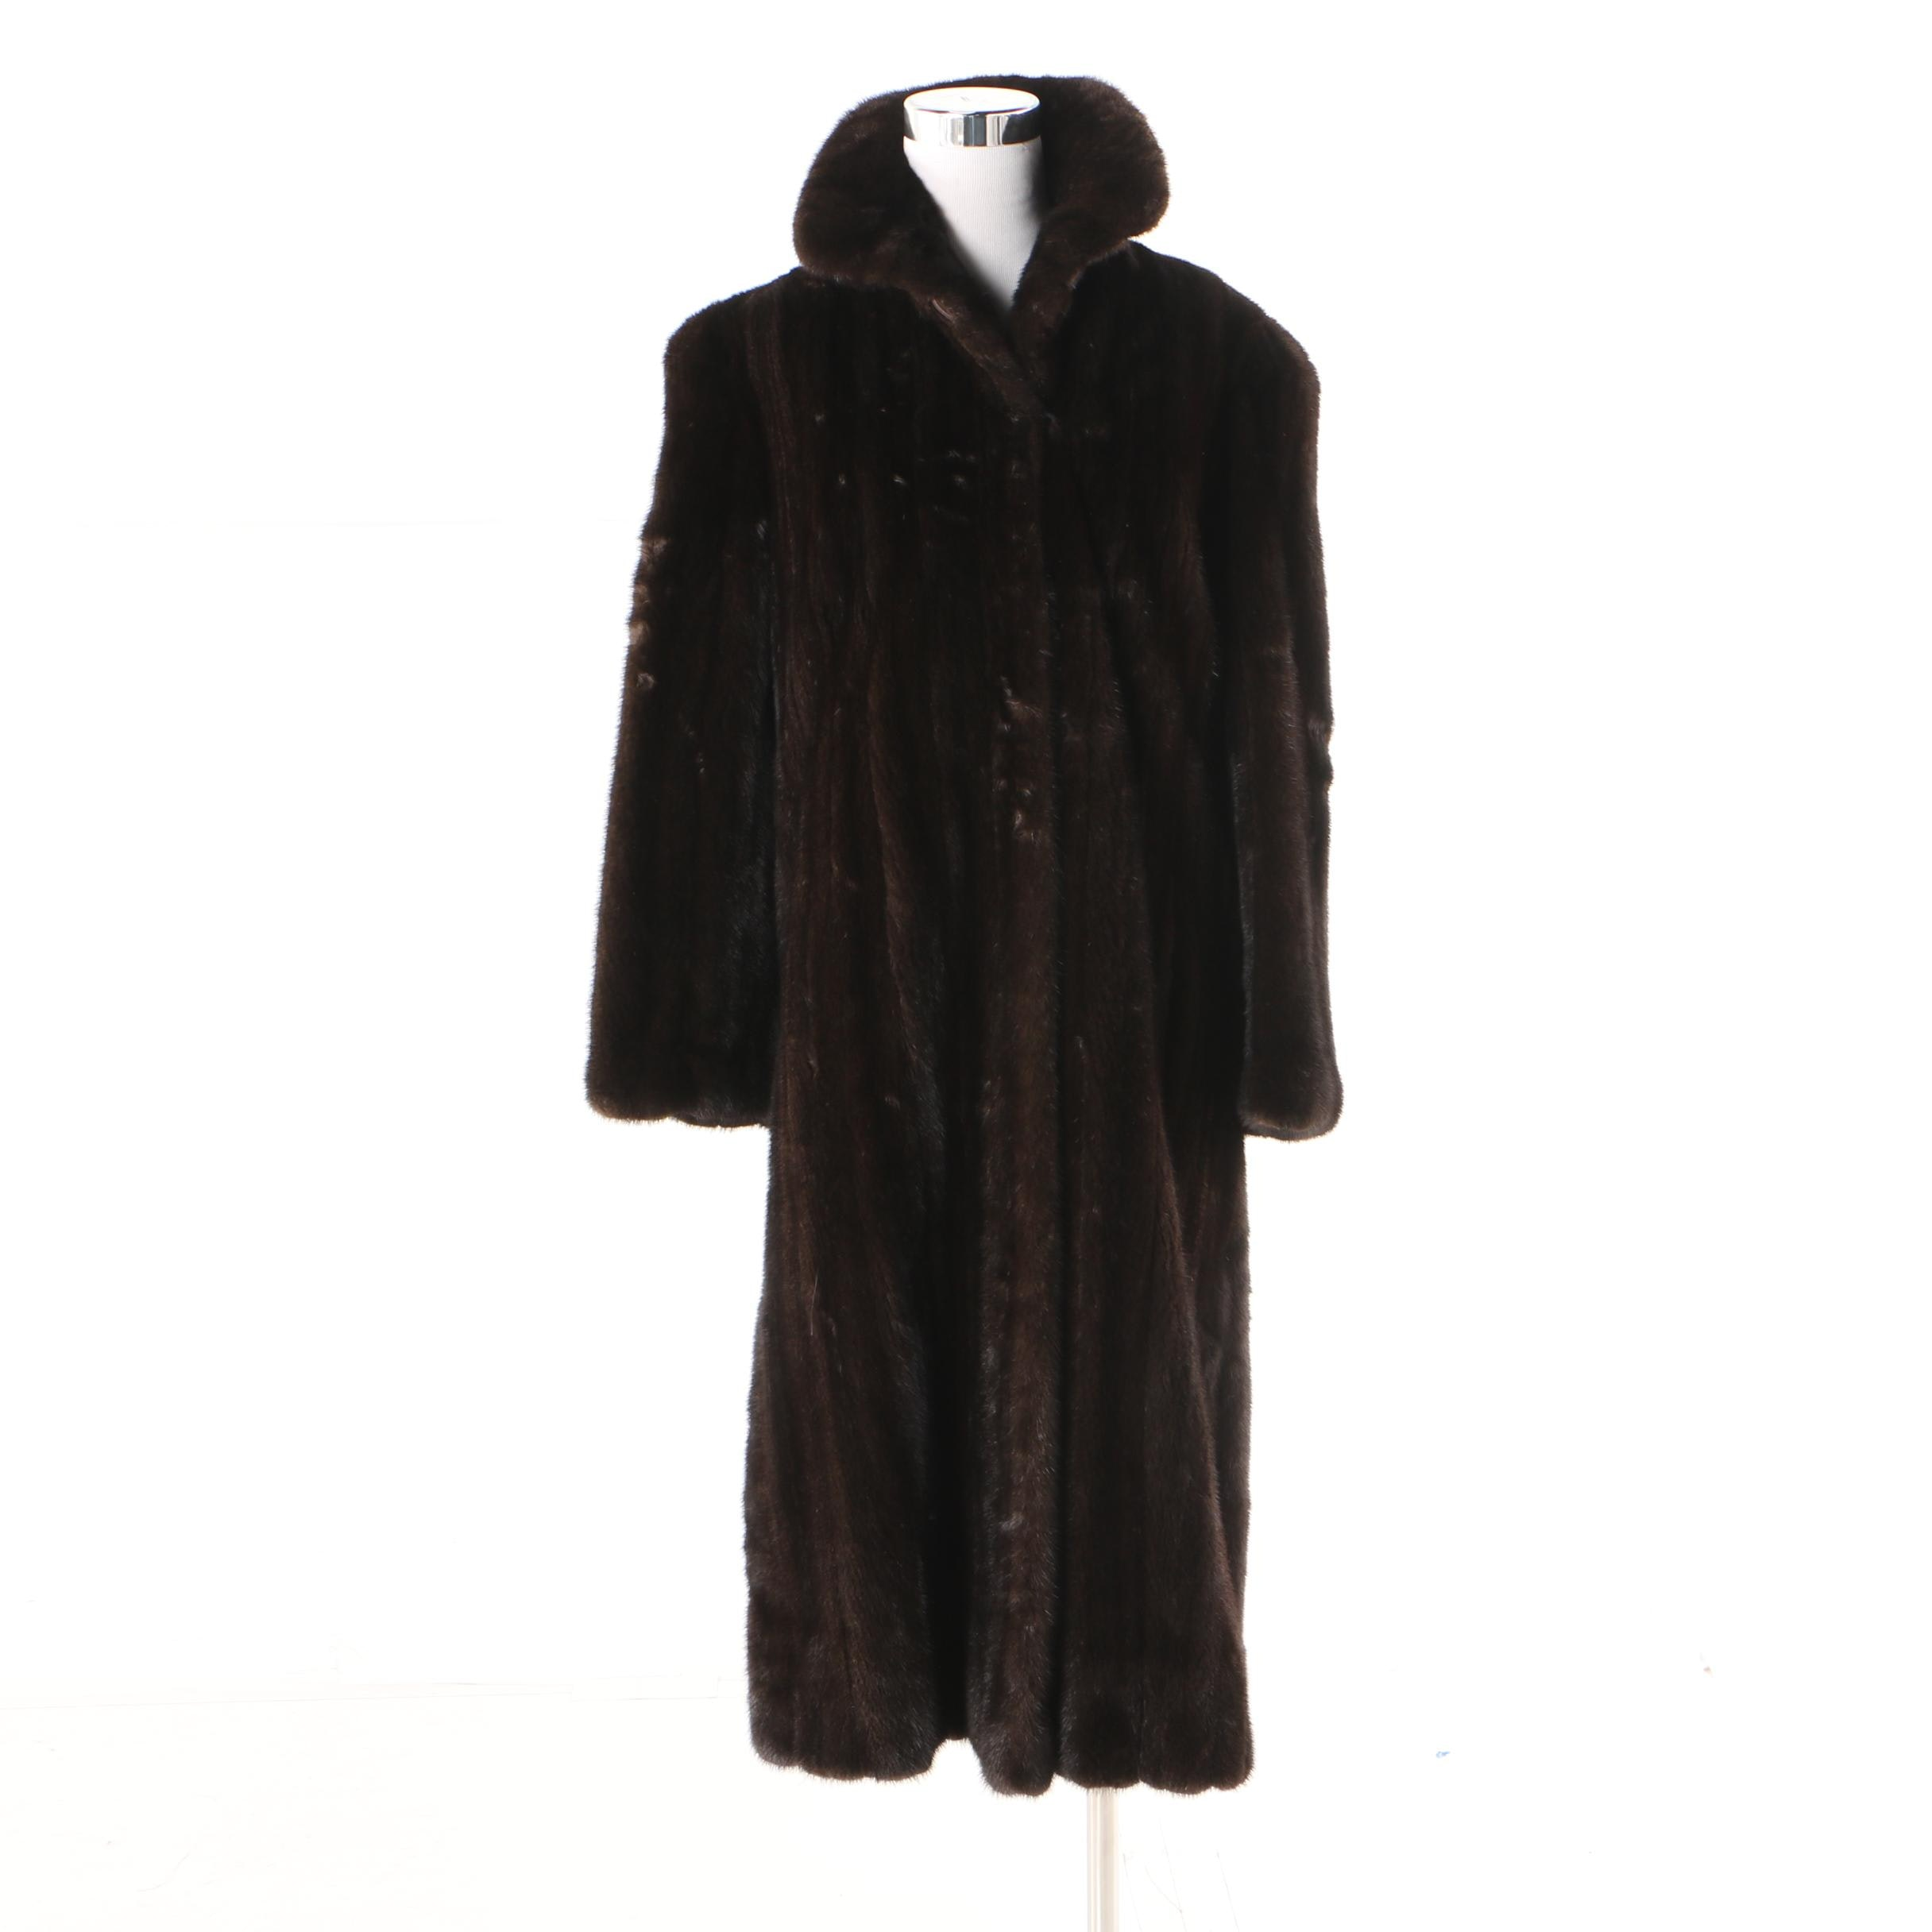 Women's Vintage Heinemann Dark Brown Mink Fur Coat